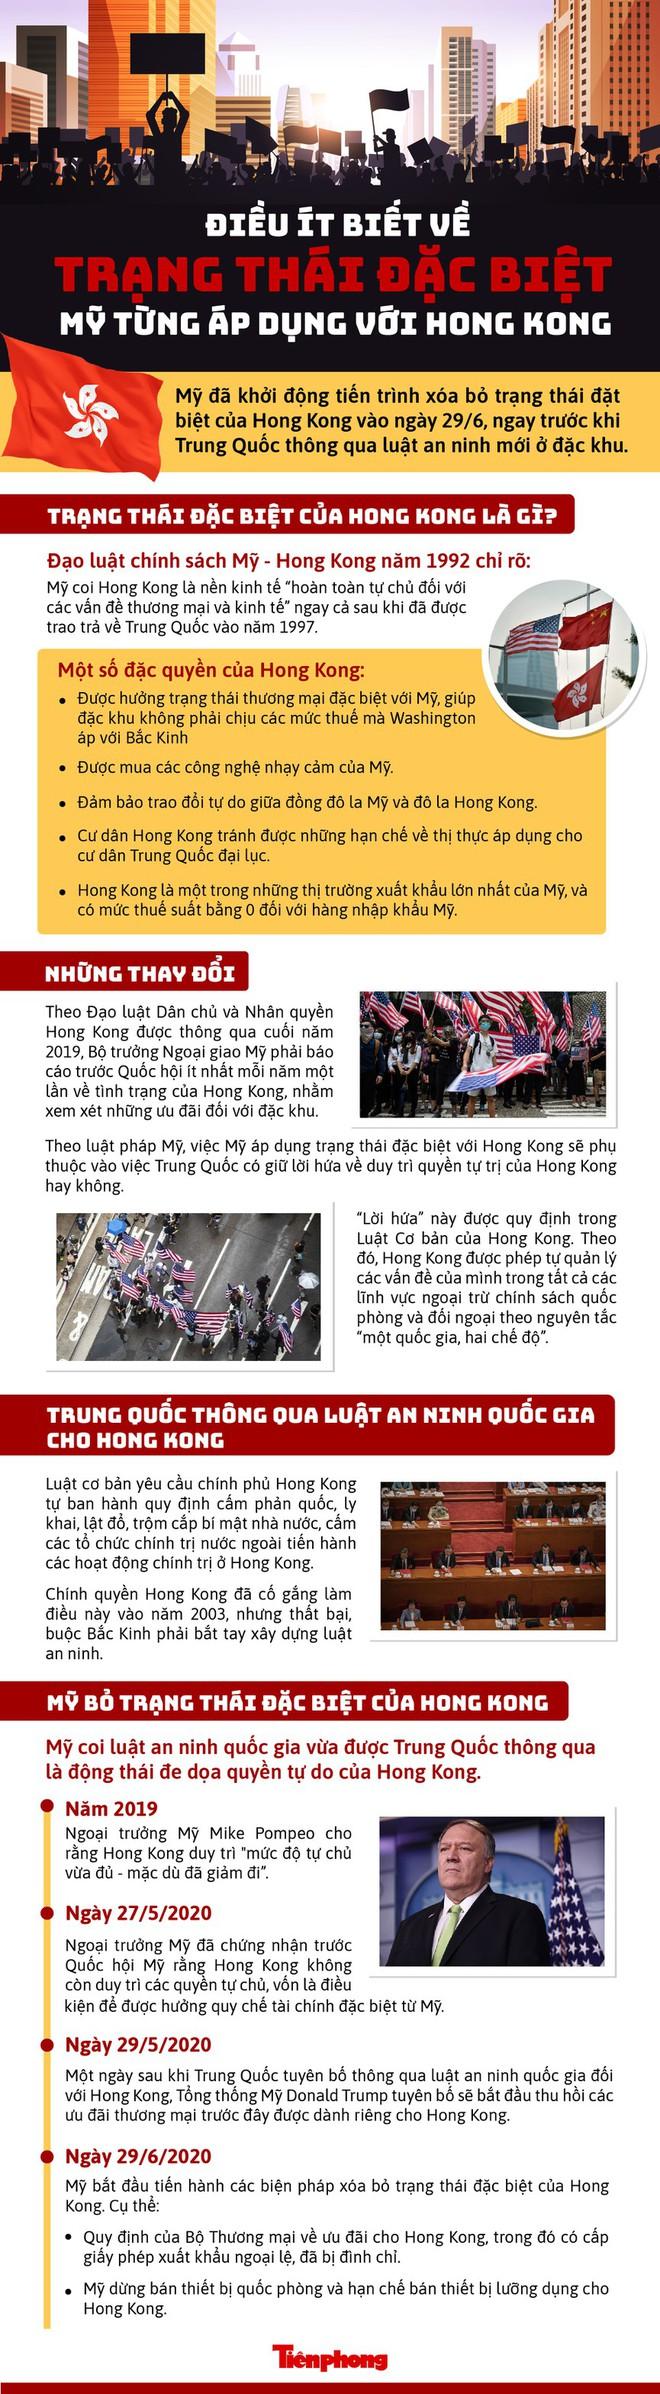 Điều ít biết về 'trạng thái đặc biệt' Mỹ từng áp dụng với Hong Kong - Ảnh 1.